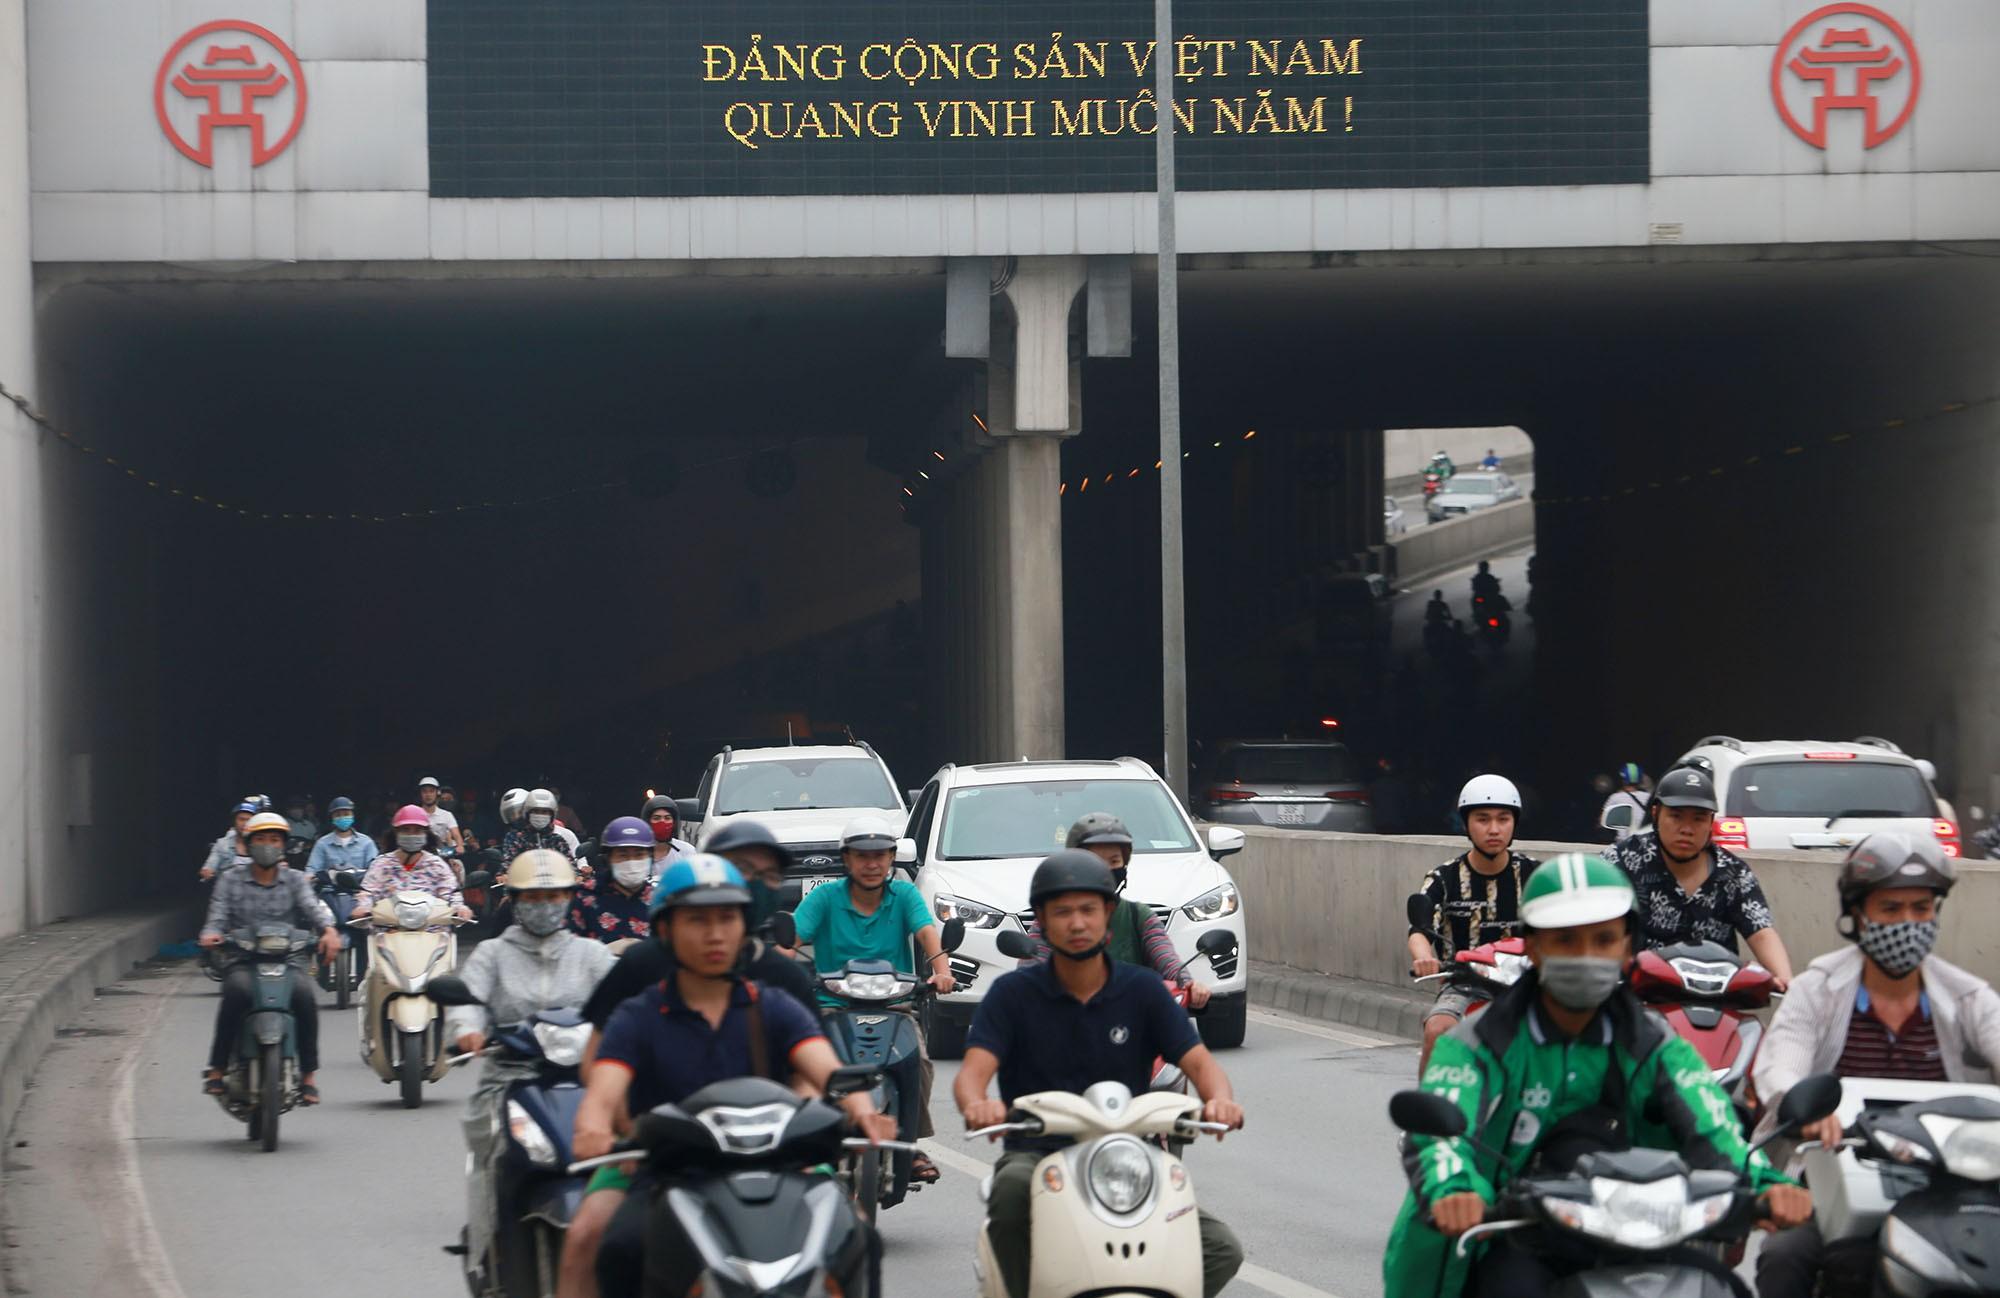 Cận cảnh hầm Kim Liên sau vụ tai nạn thương tâm: Dốc, cua và nhiều phương tiện lấn làn, vượt ẩu - Ảnh 6.